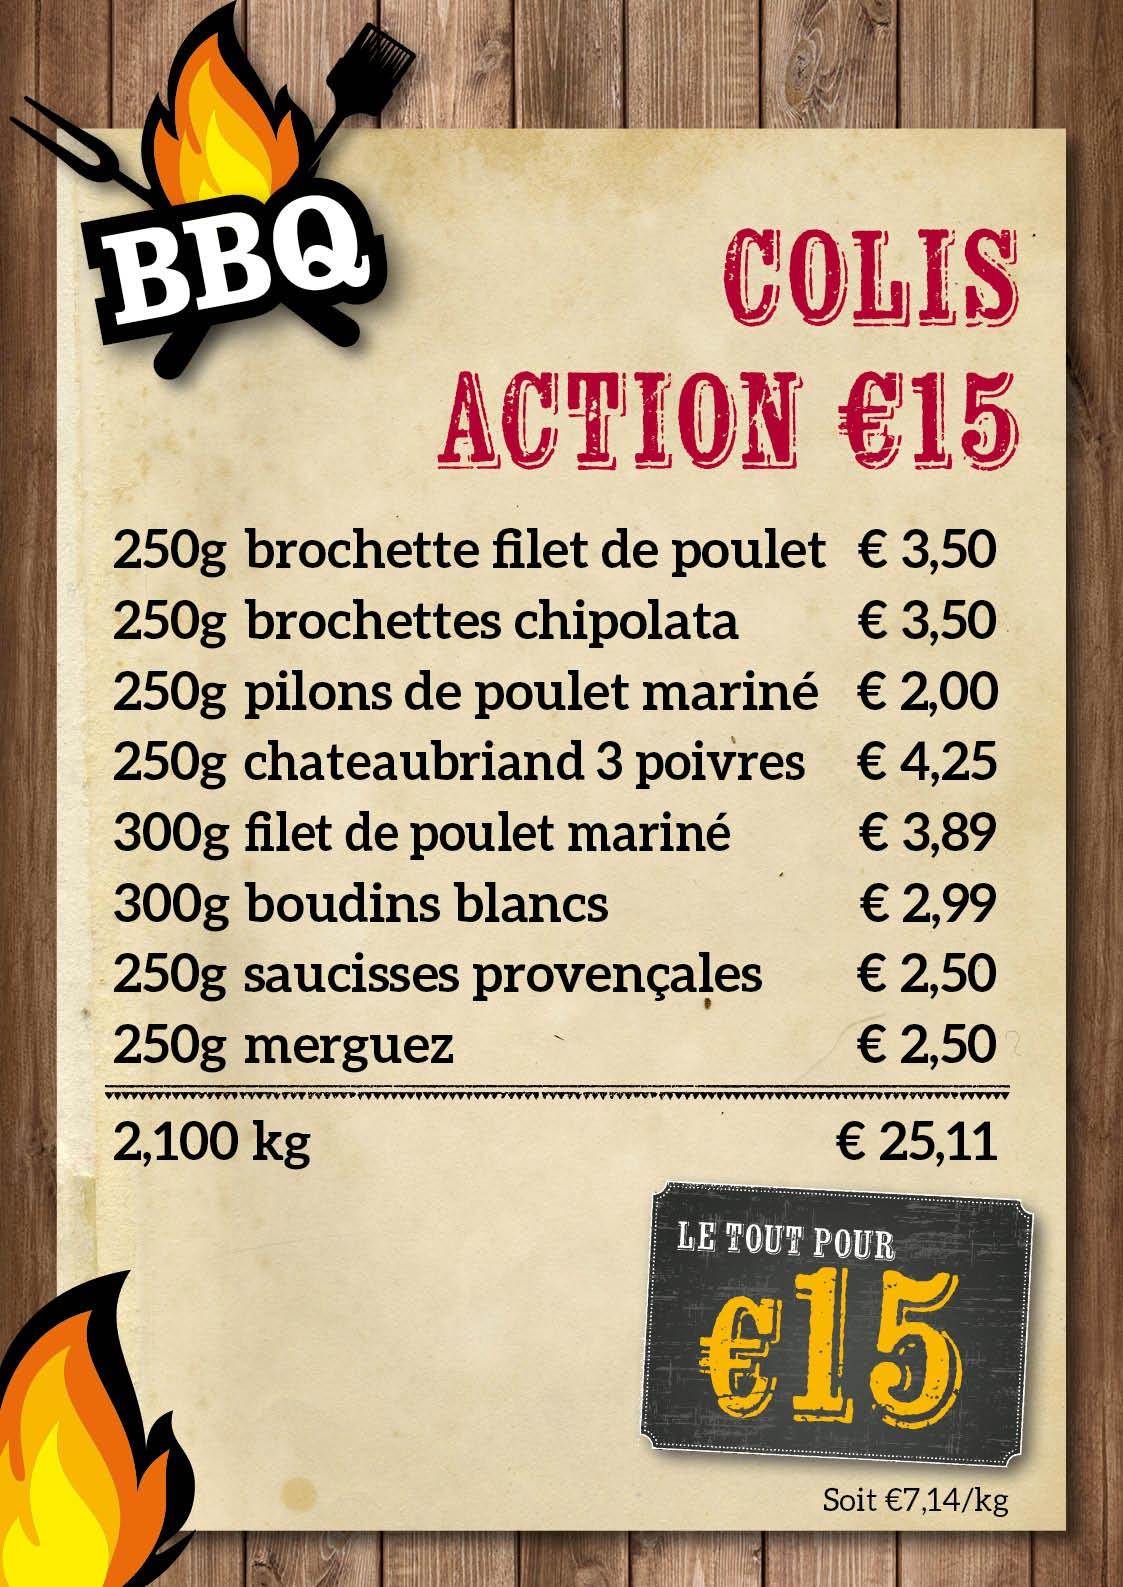 BBQ colis €15 - De Kleine Bassin